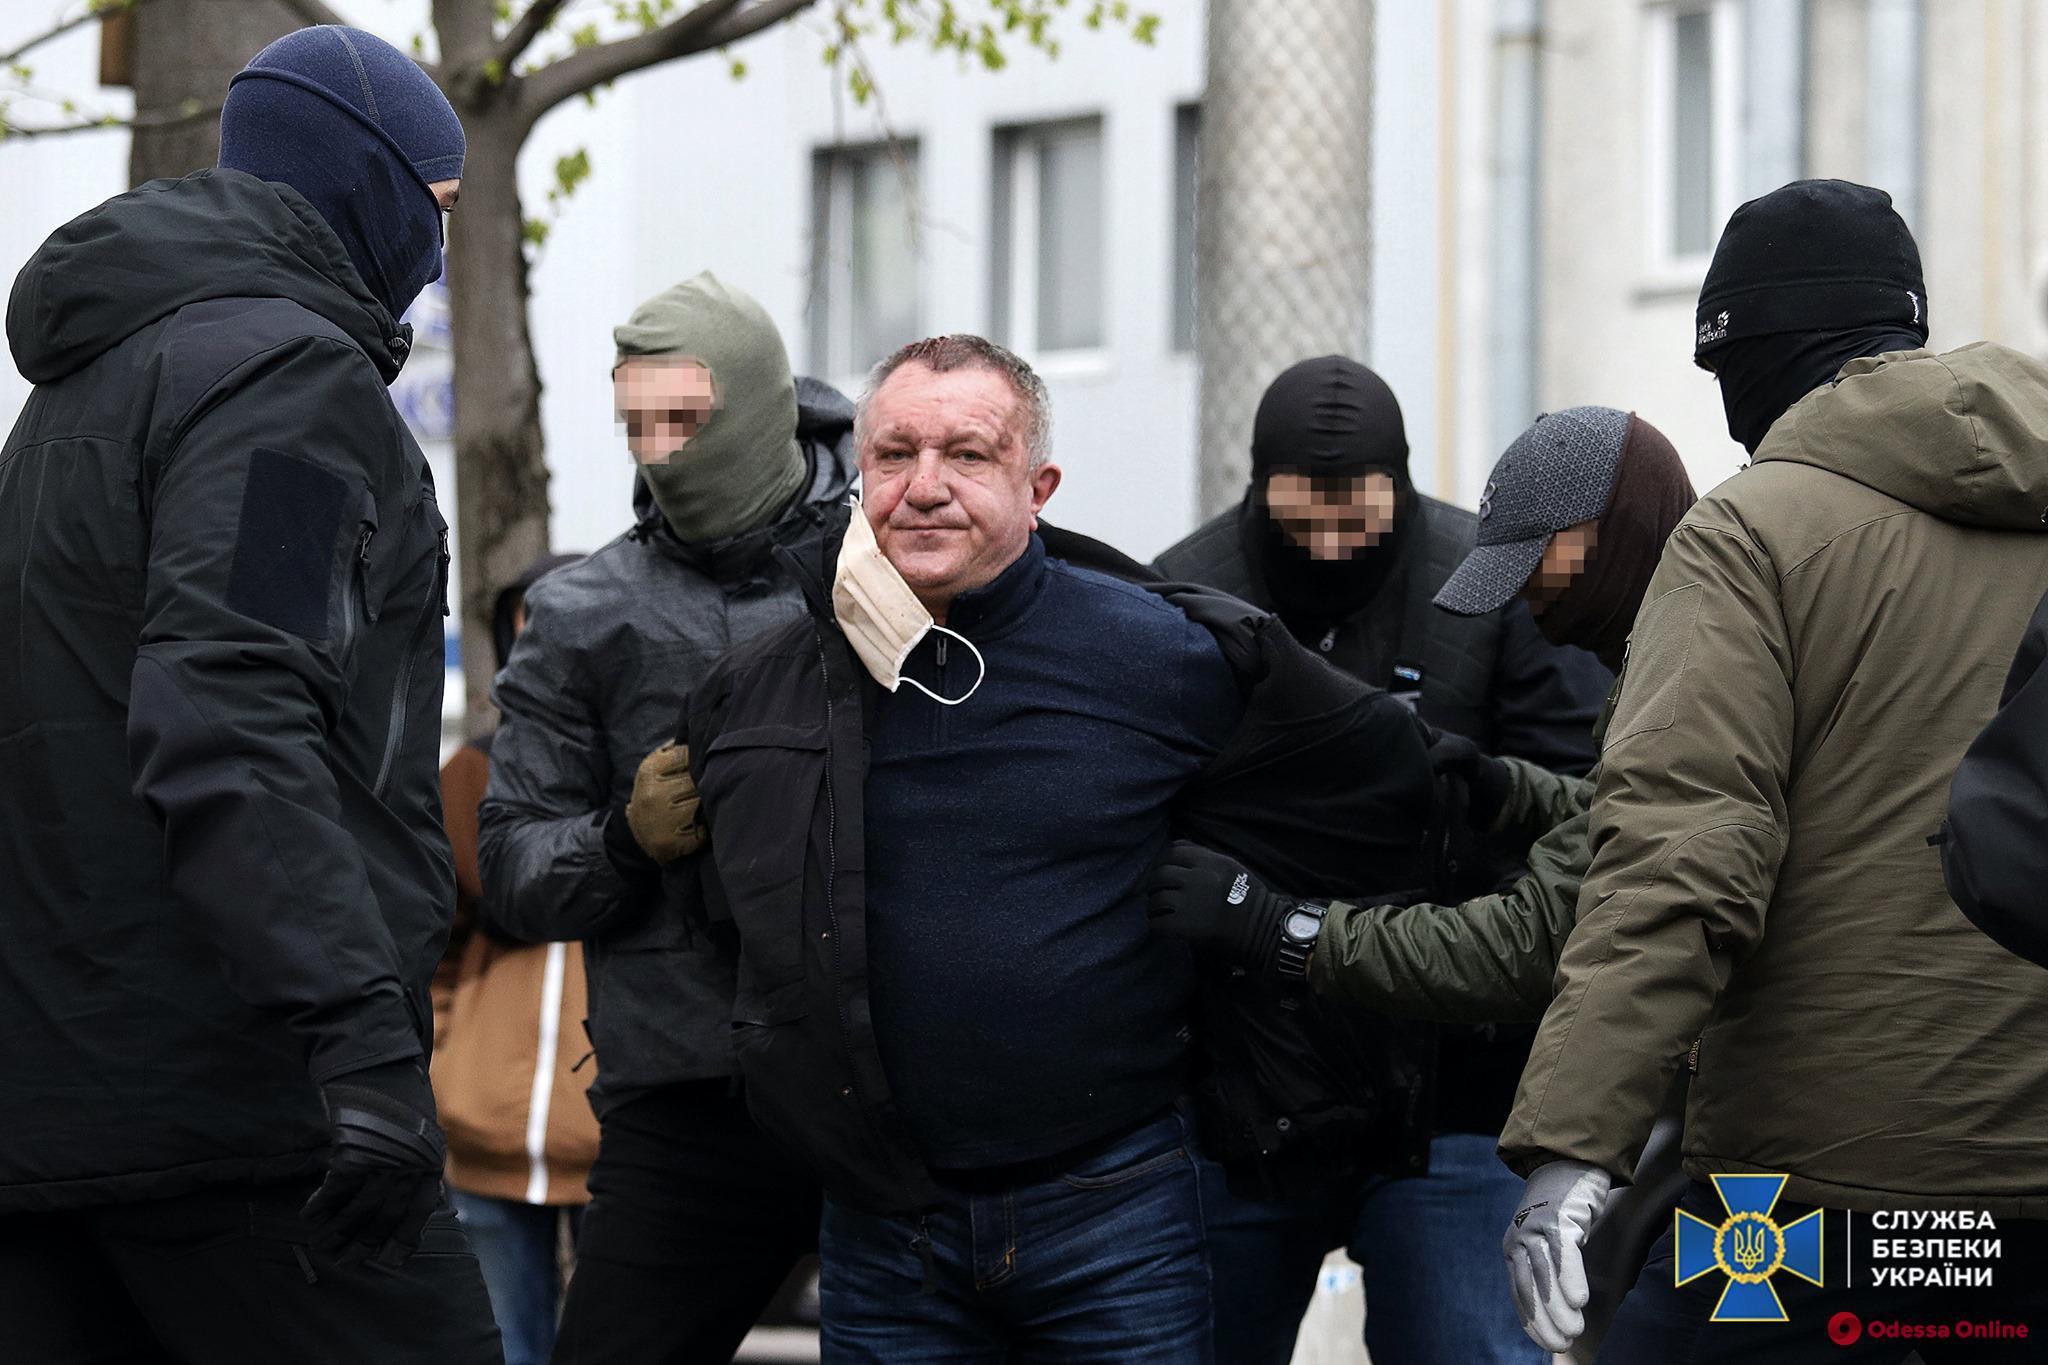 В Киеве суд продлил арест работавшему на ФСБ РФ генерал-майору СБУ